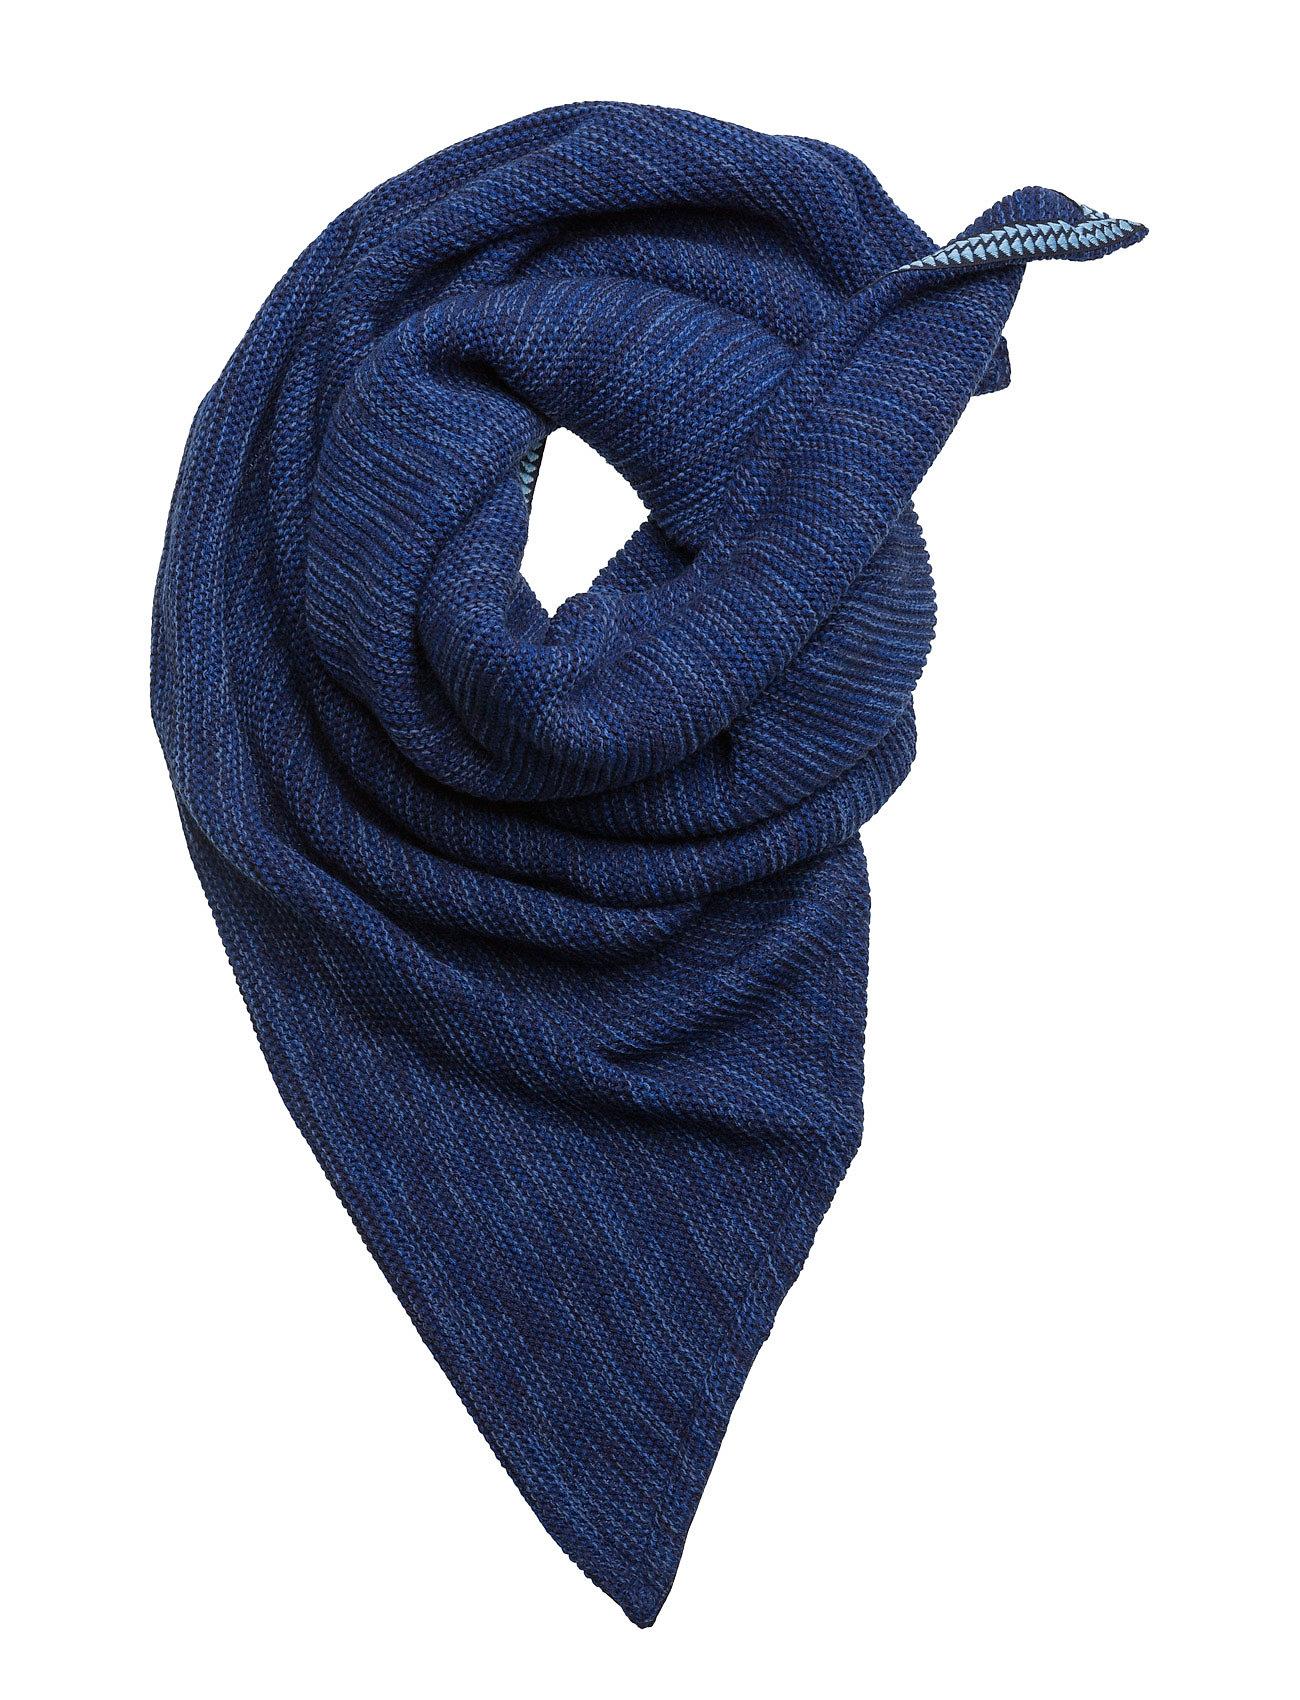 f52b24117040 Shop Knitted Horizon POM Amsterdam Halstørklæder i Blå til Damer på  internettet